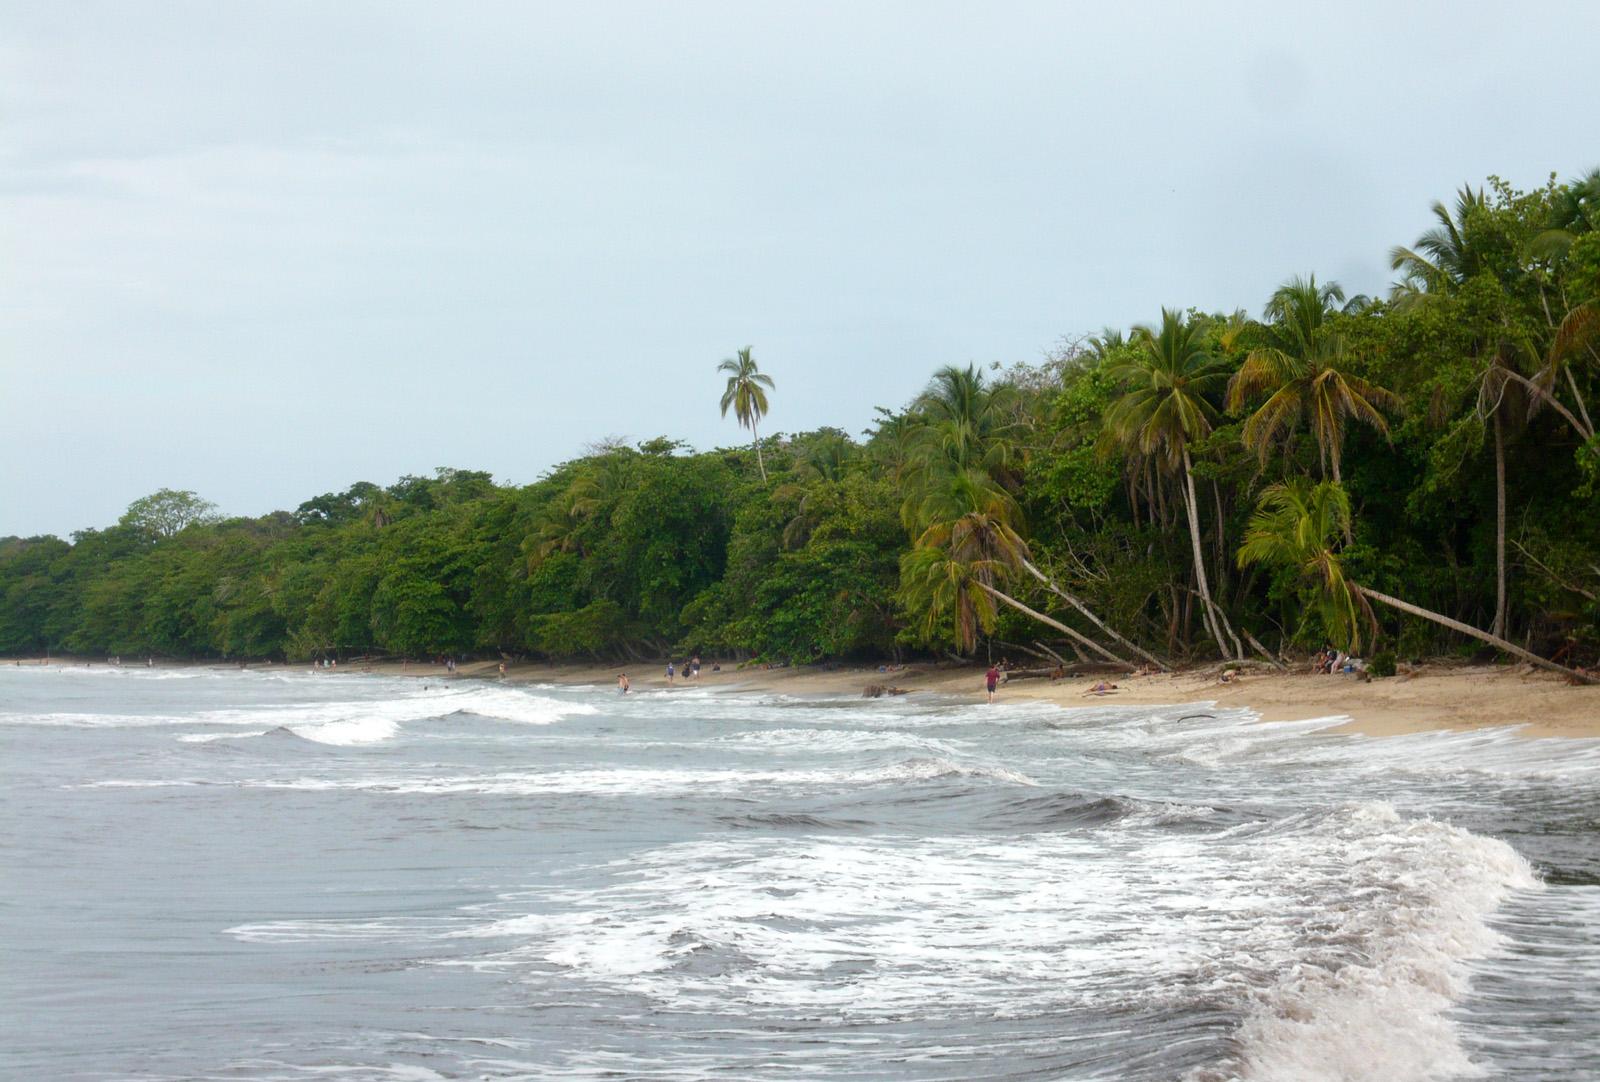 File:Cahuita.jpg - Wikimedia Commons